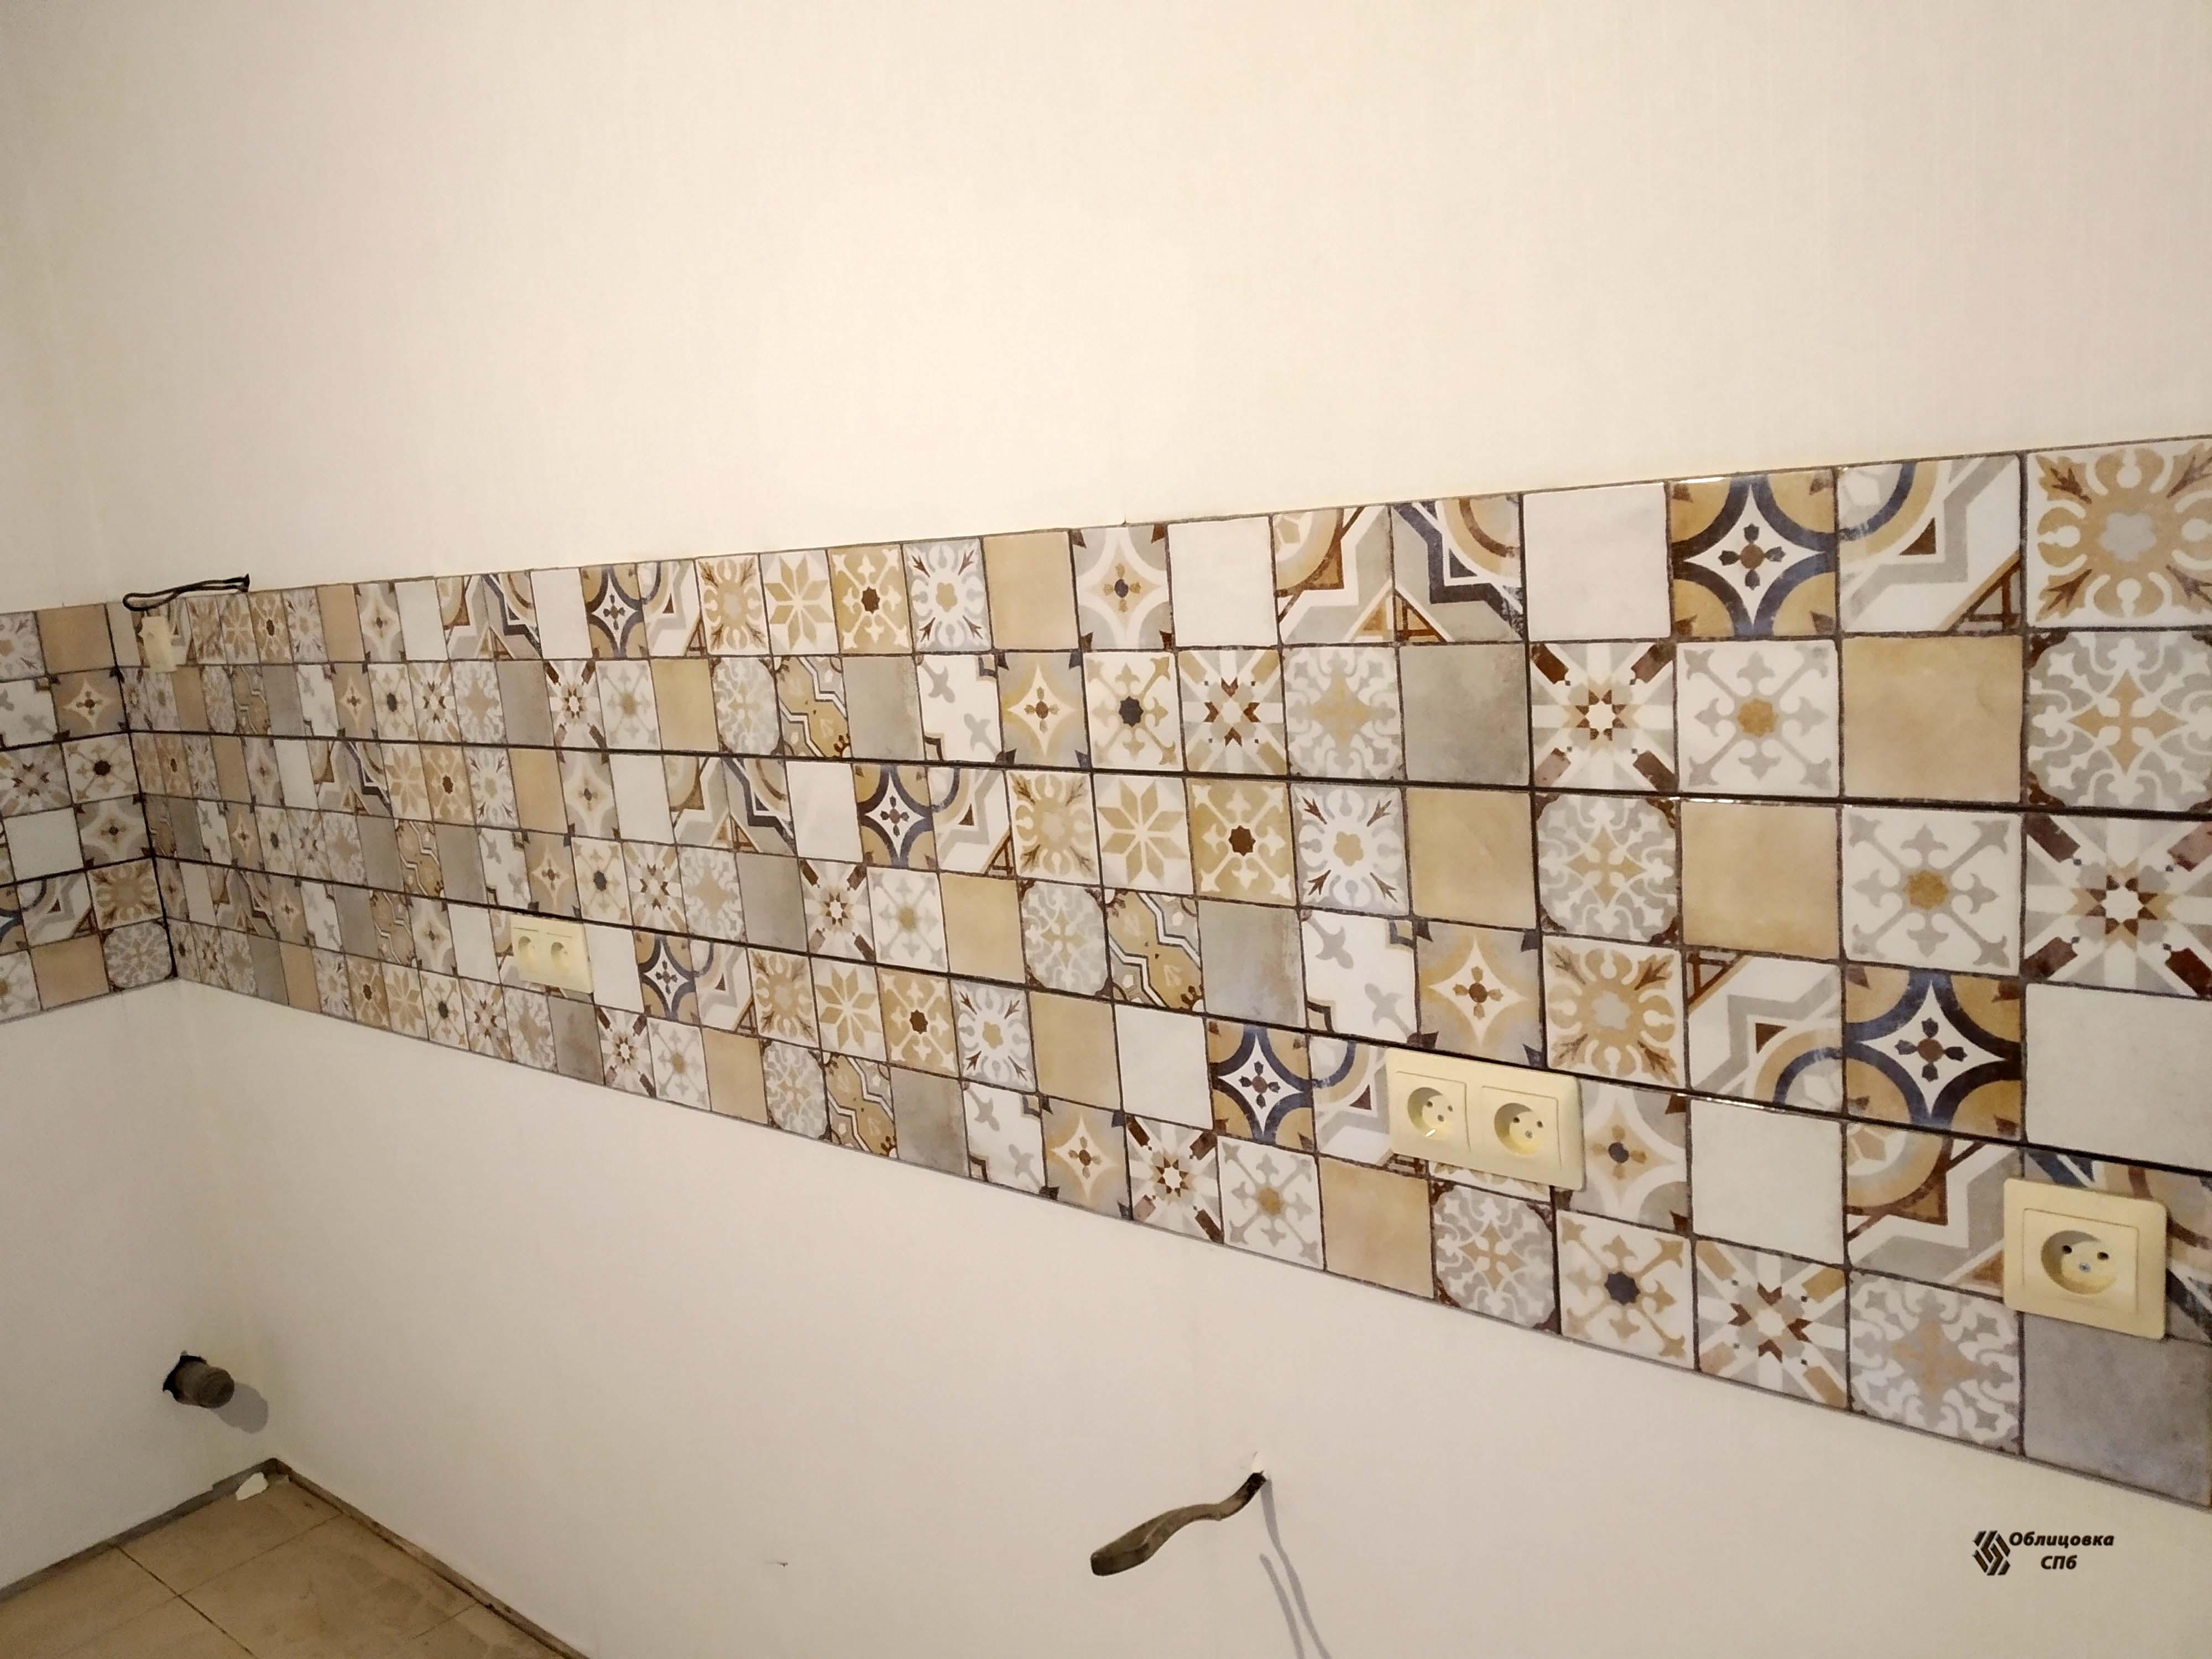 Кухонный фартук из плитки с разными узорами